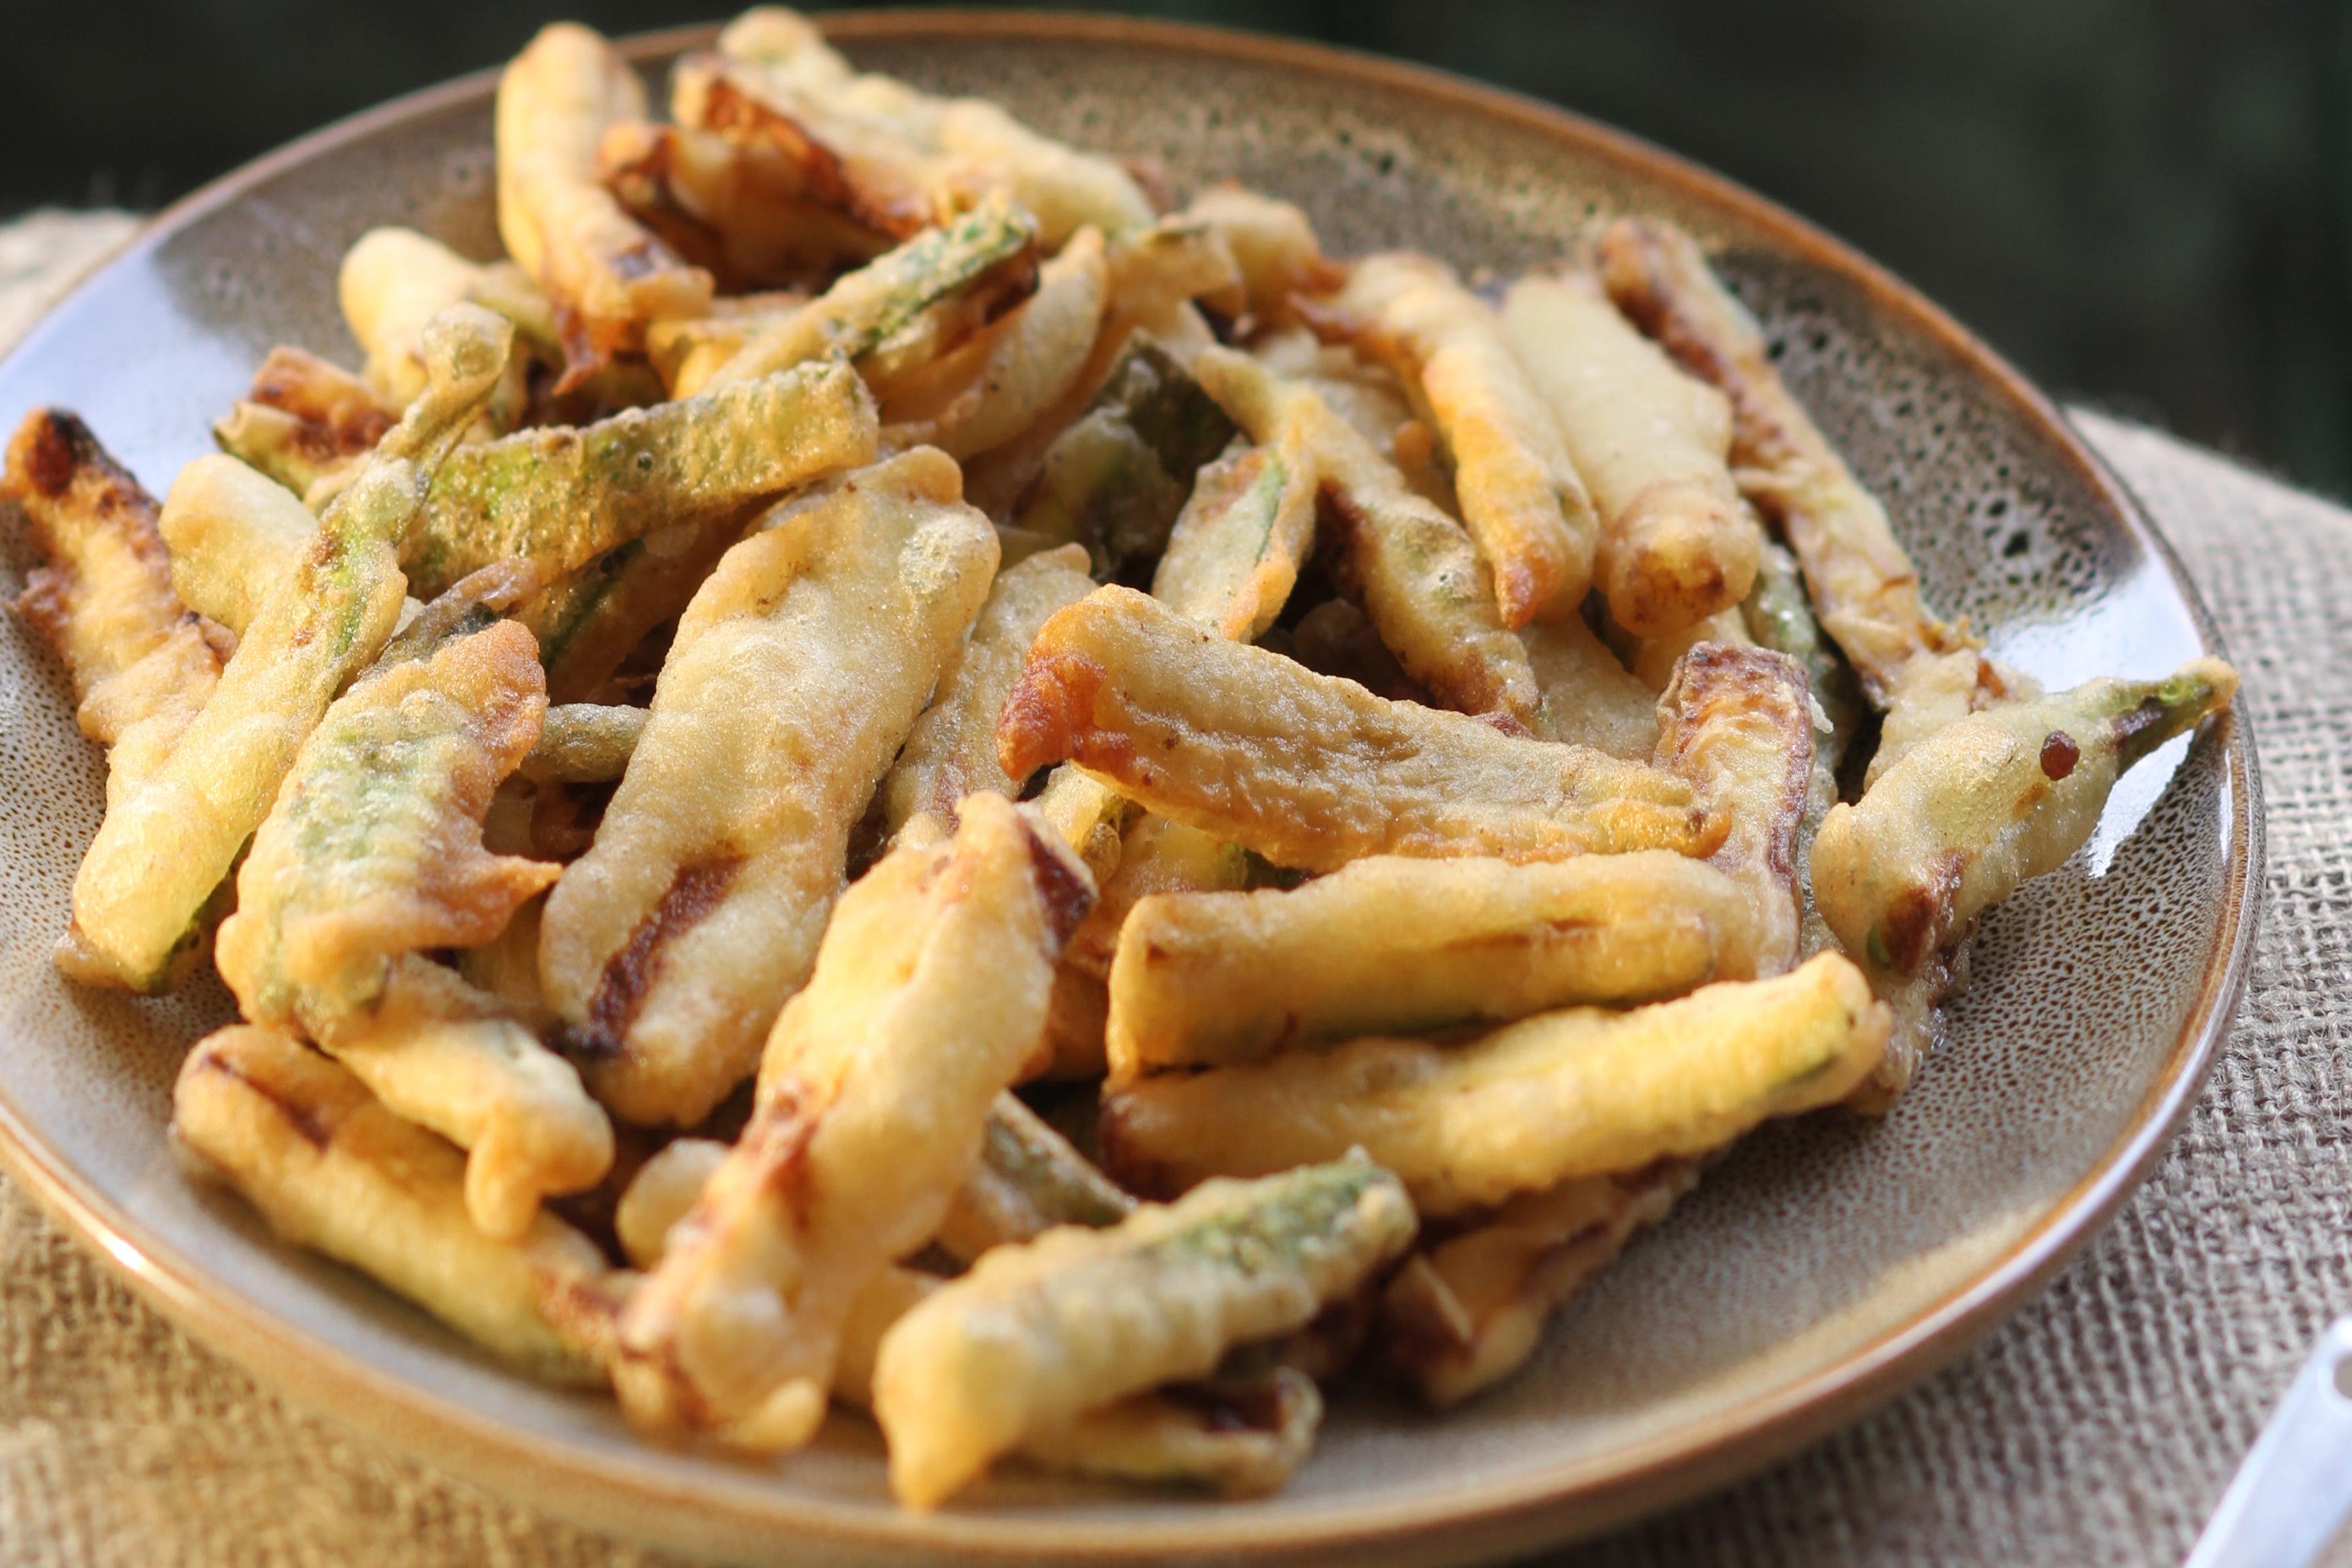 Ikaria-style crisped zucchini sticks are a healthy, addictive meze!